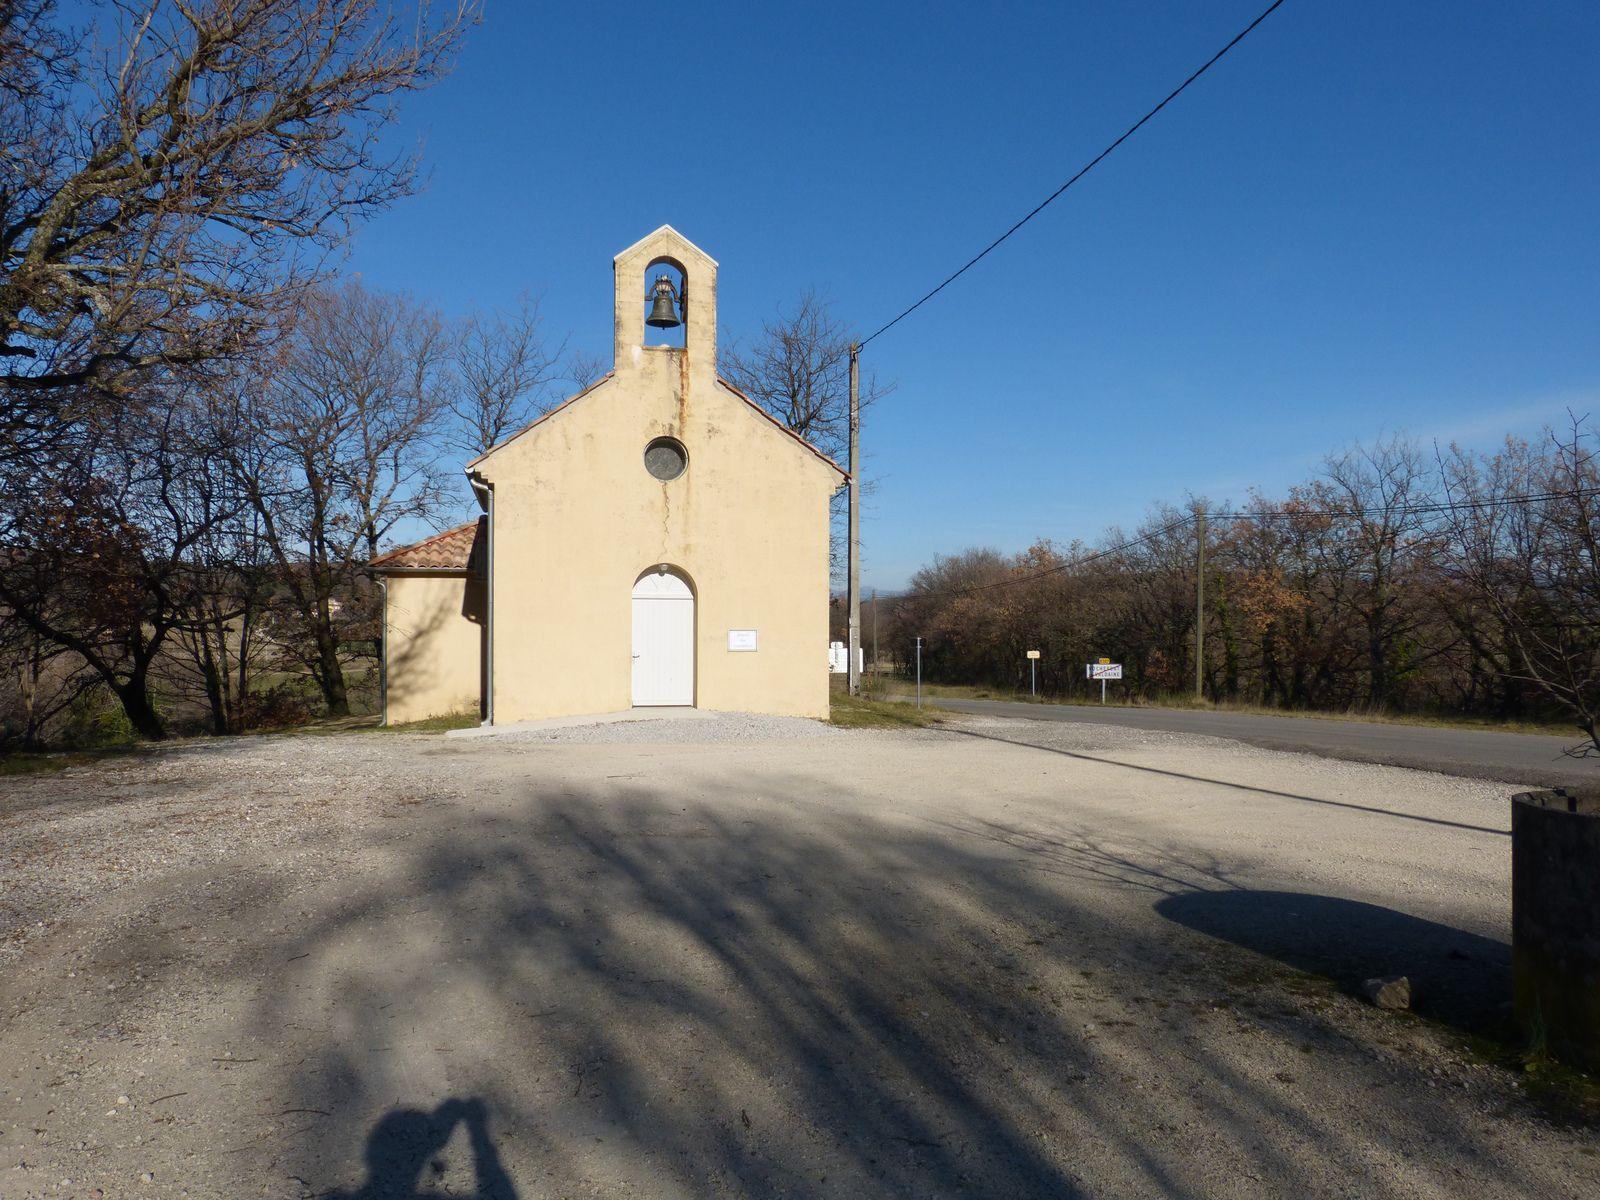 La chapelle Notre-Dame des Victoires fut inaugurée le 1er Septembre 1935. Construite par les habitants avec leurs mains et leurs deniers, transportant pierres et sable du Jabron, petit cours d'eau qui passe plus bas dans la vallée. Le terrain fut cédé gratuitement par le famille Valsy-Augier.